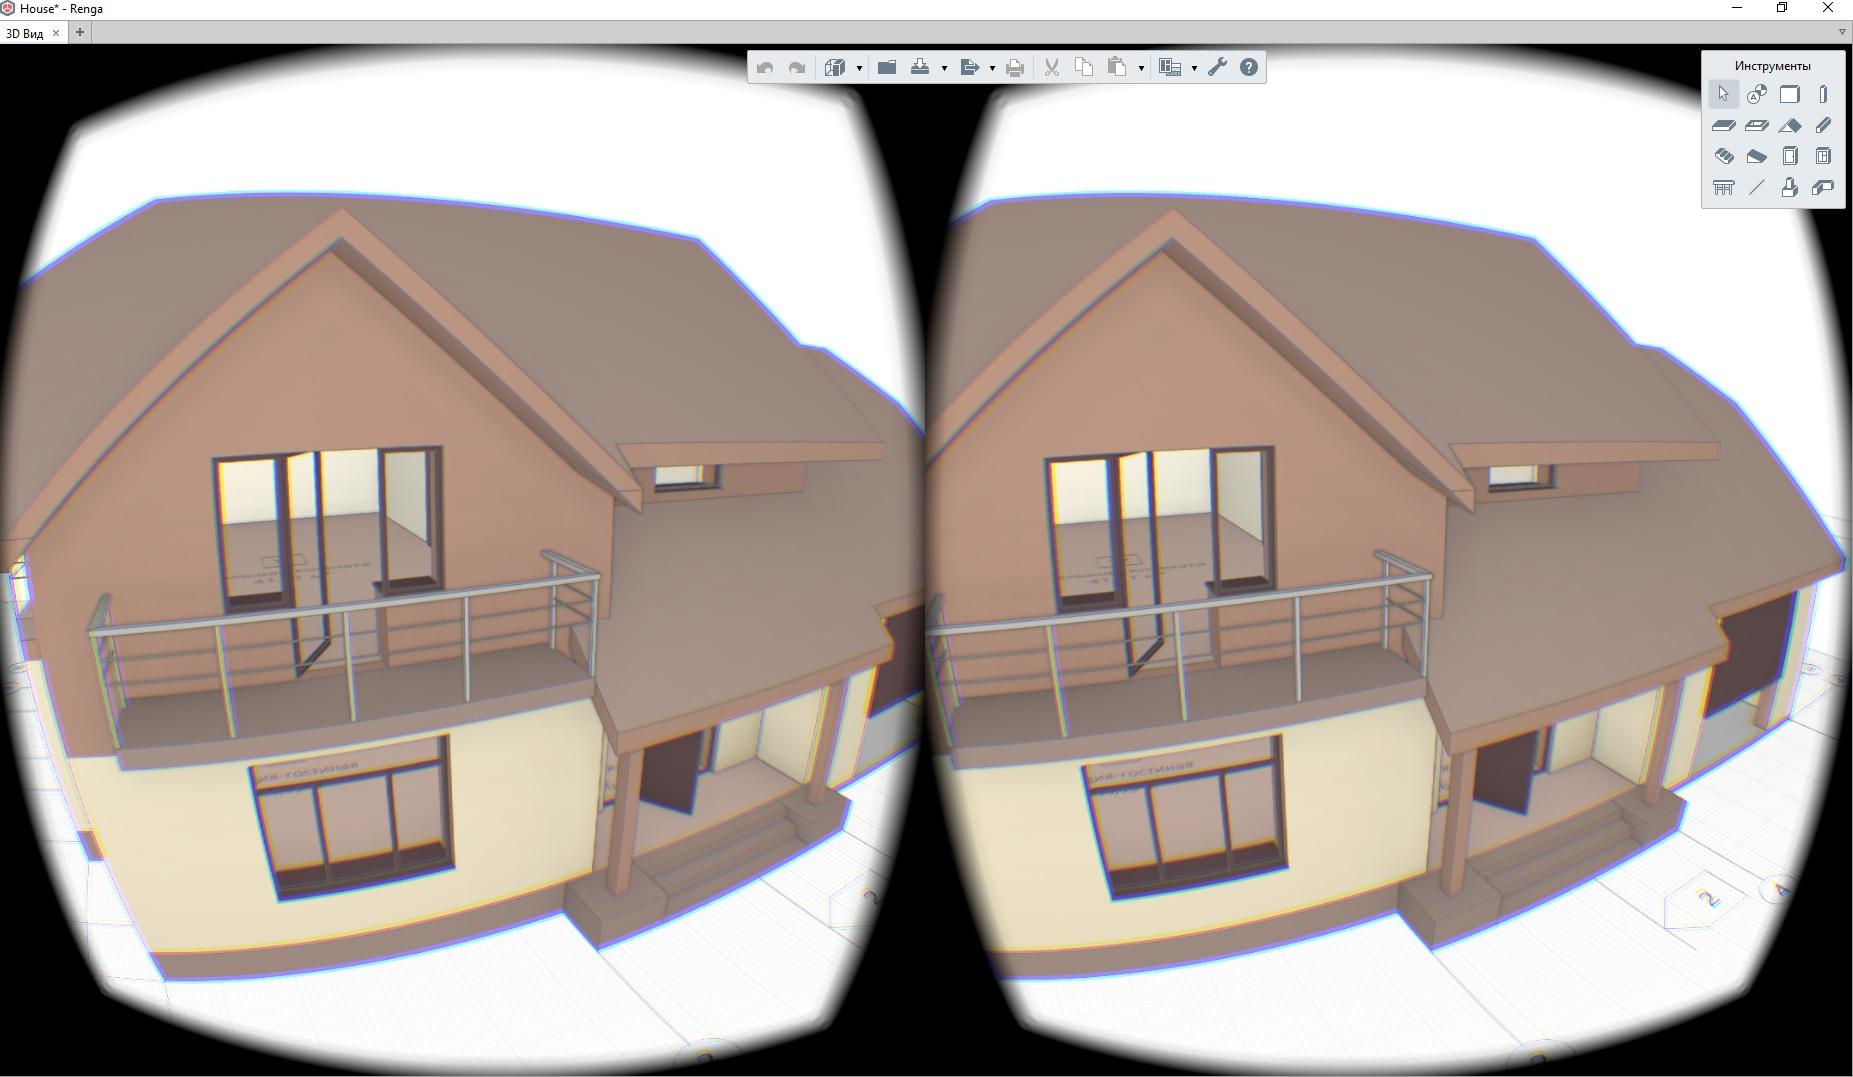 Интеграция Oculus Rift в десктопное Direct3D приложение на примере Renga